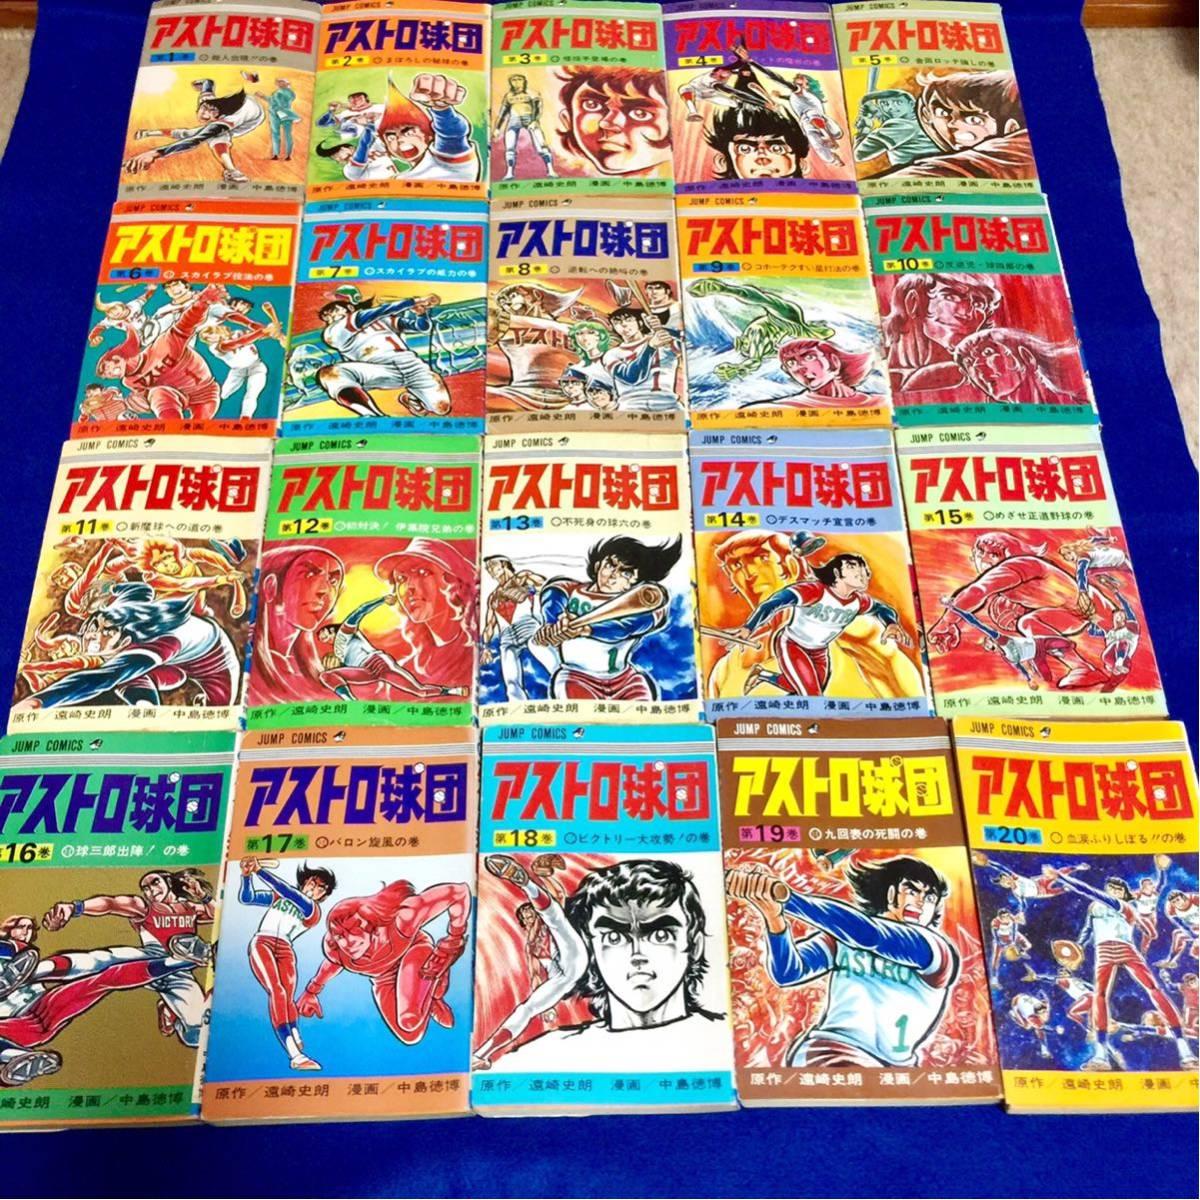 アストロ球団 全巻セット 少年ジャンプ 中島徳博 ジャンプコミックス 11冊は初刊 初版